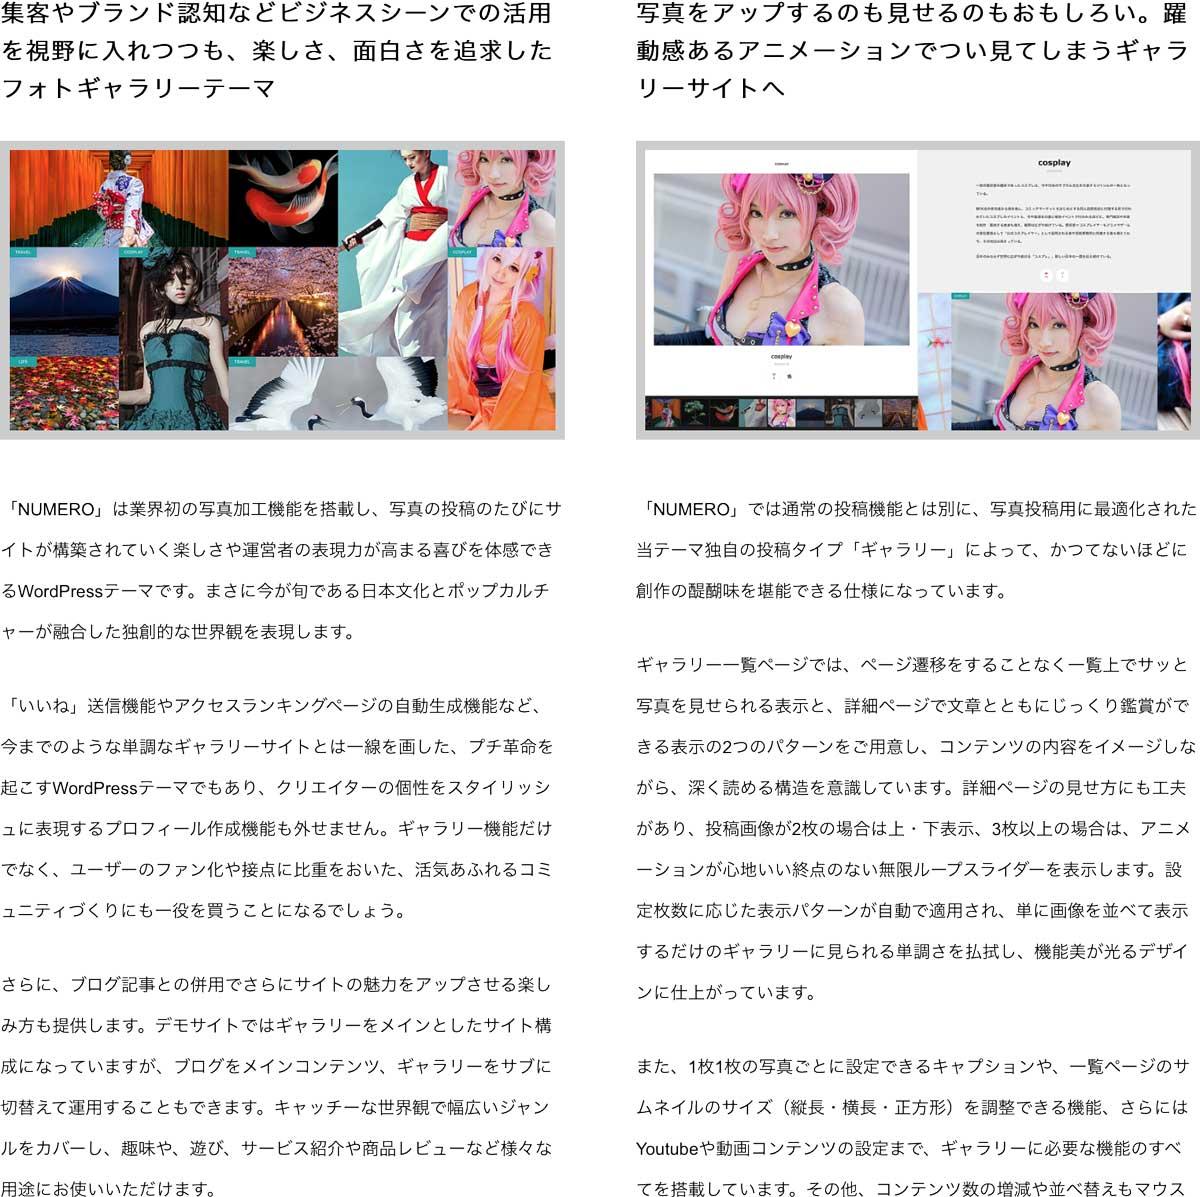 画像レタッチ機能を搭載したギャラリー型ブログテーマ(WPテーマ、ワードプレステーマ) wordpress_free_themes_tcd070_02